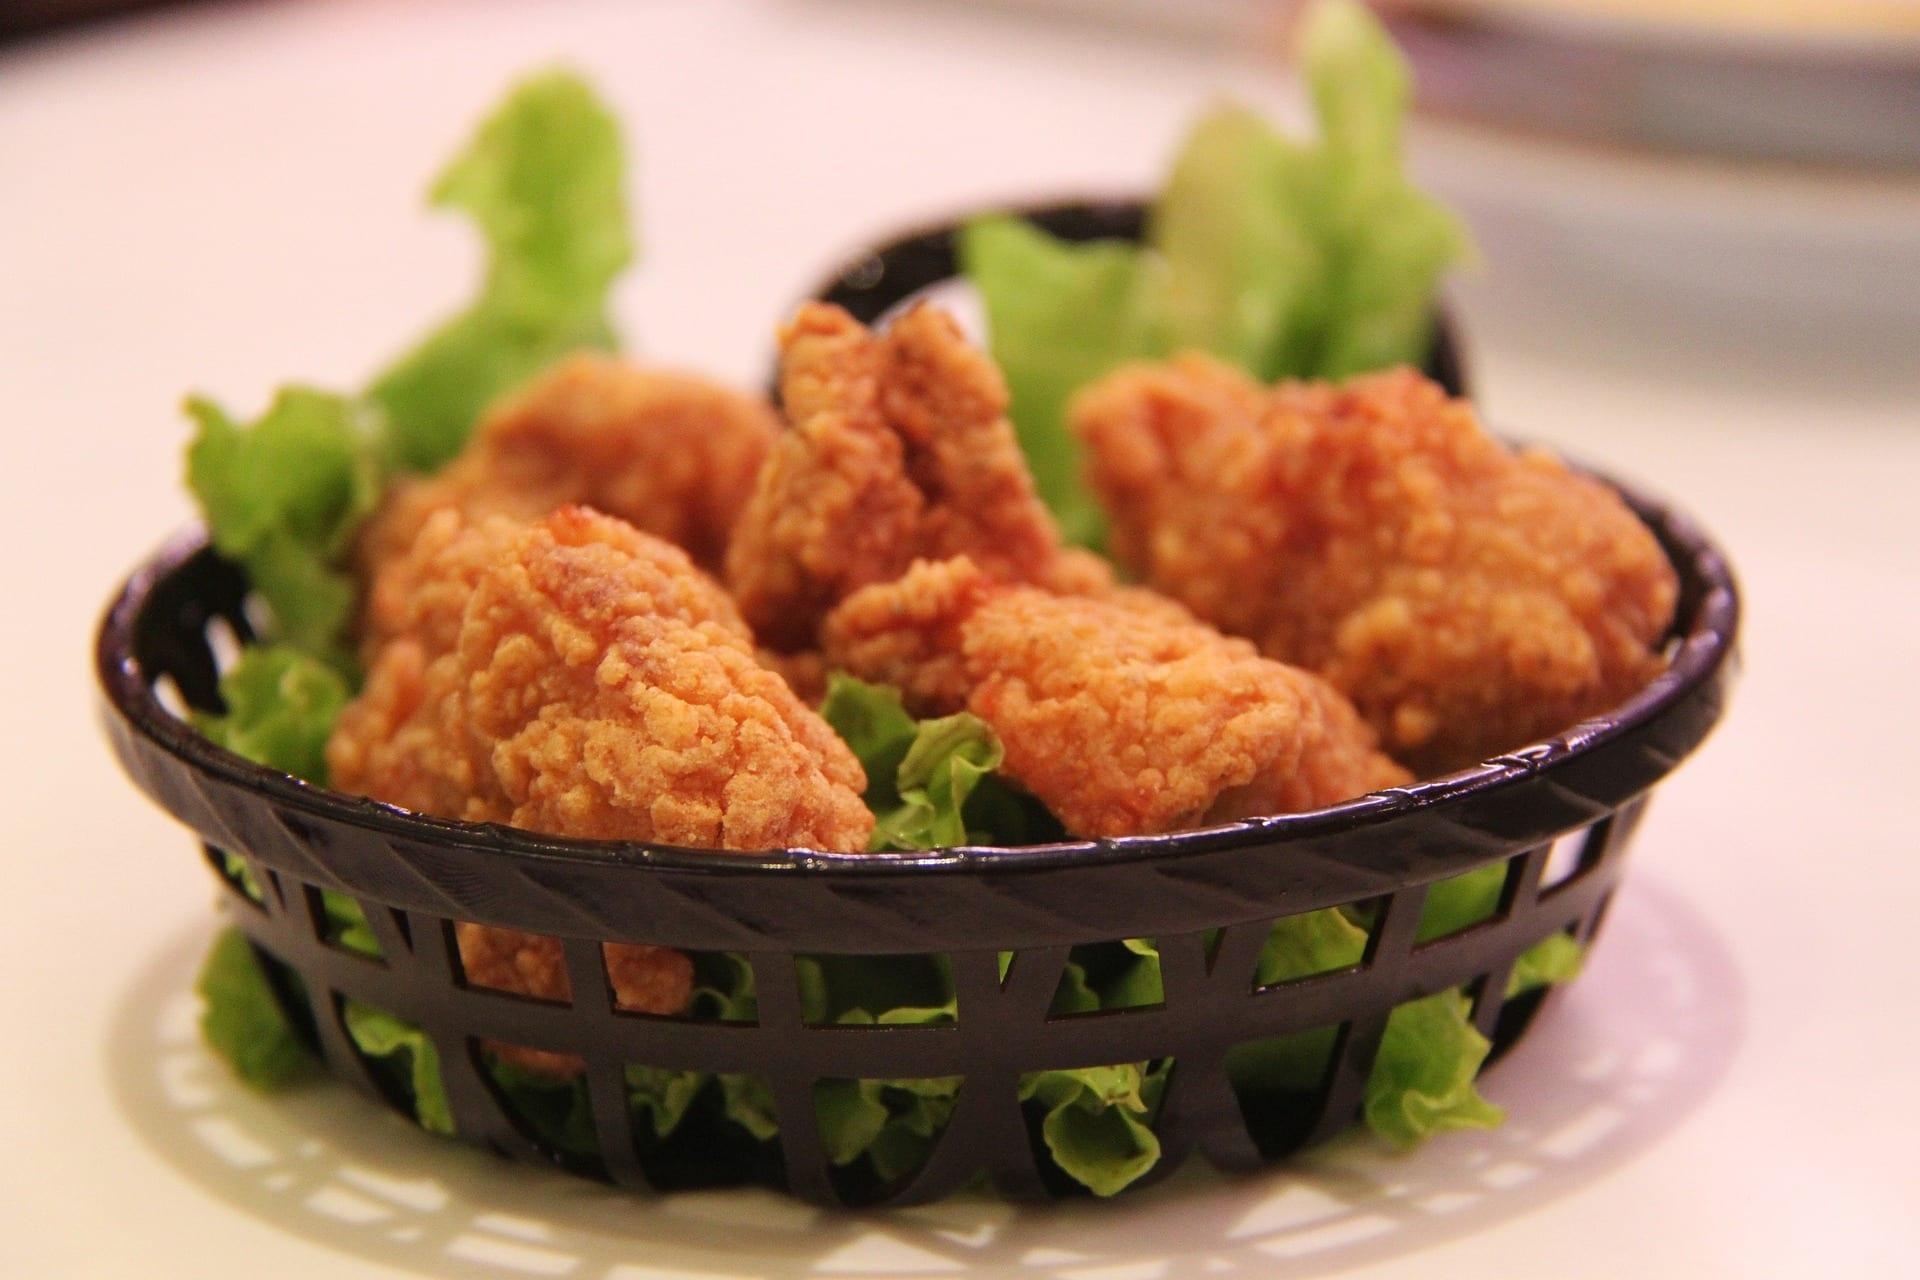 Llega la carne de pollo artificial: del laboratorio a la mesa 7